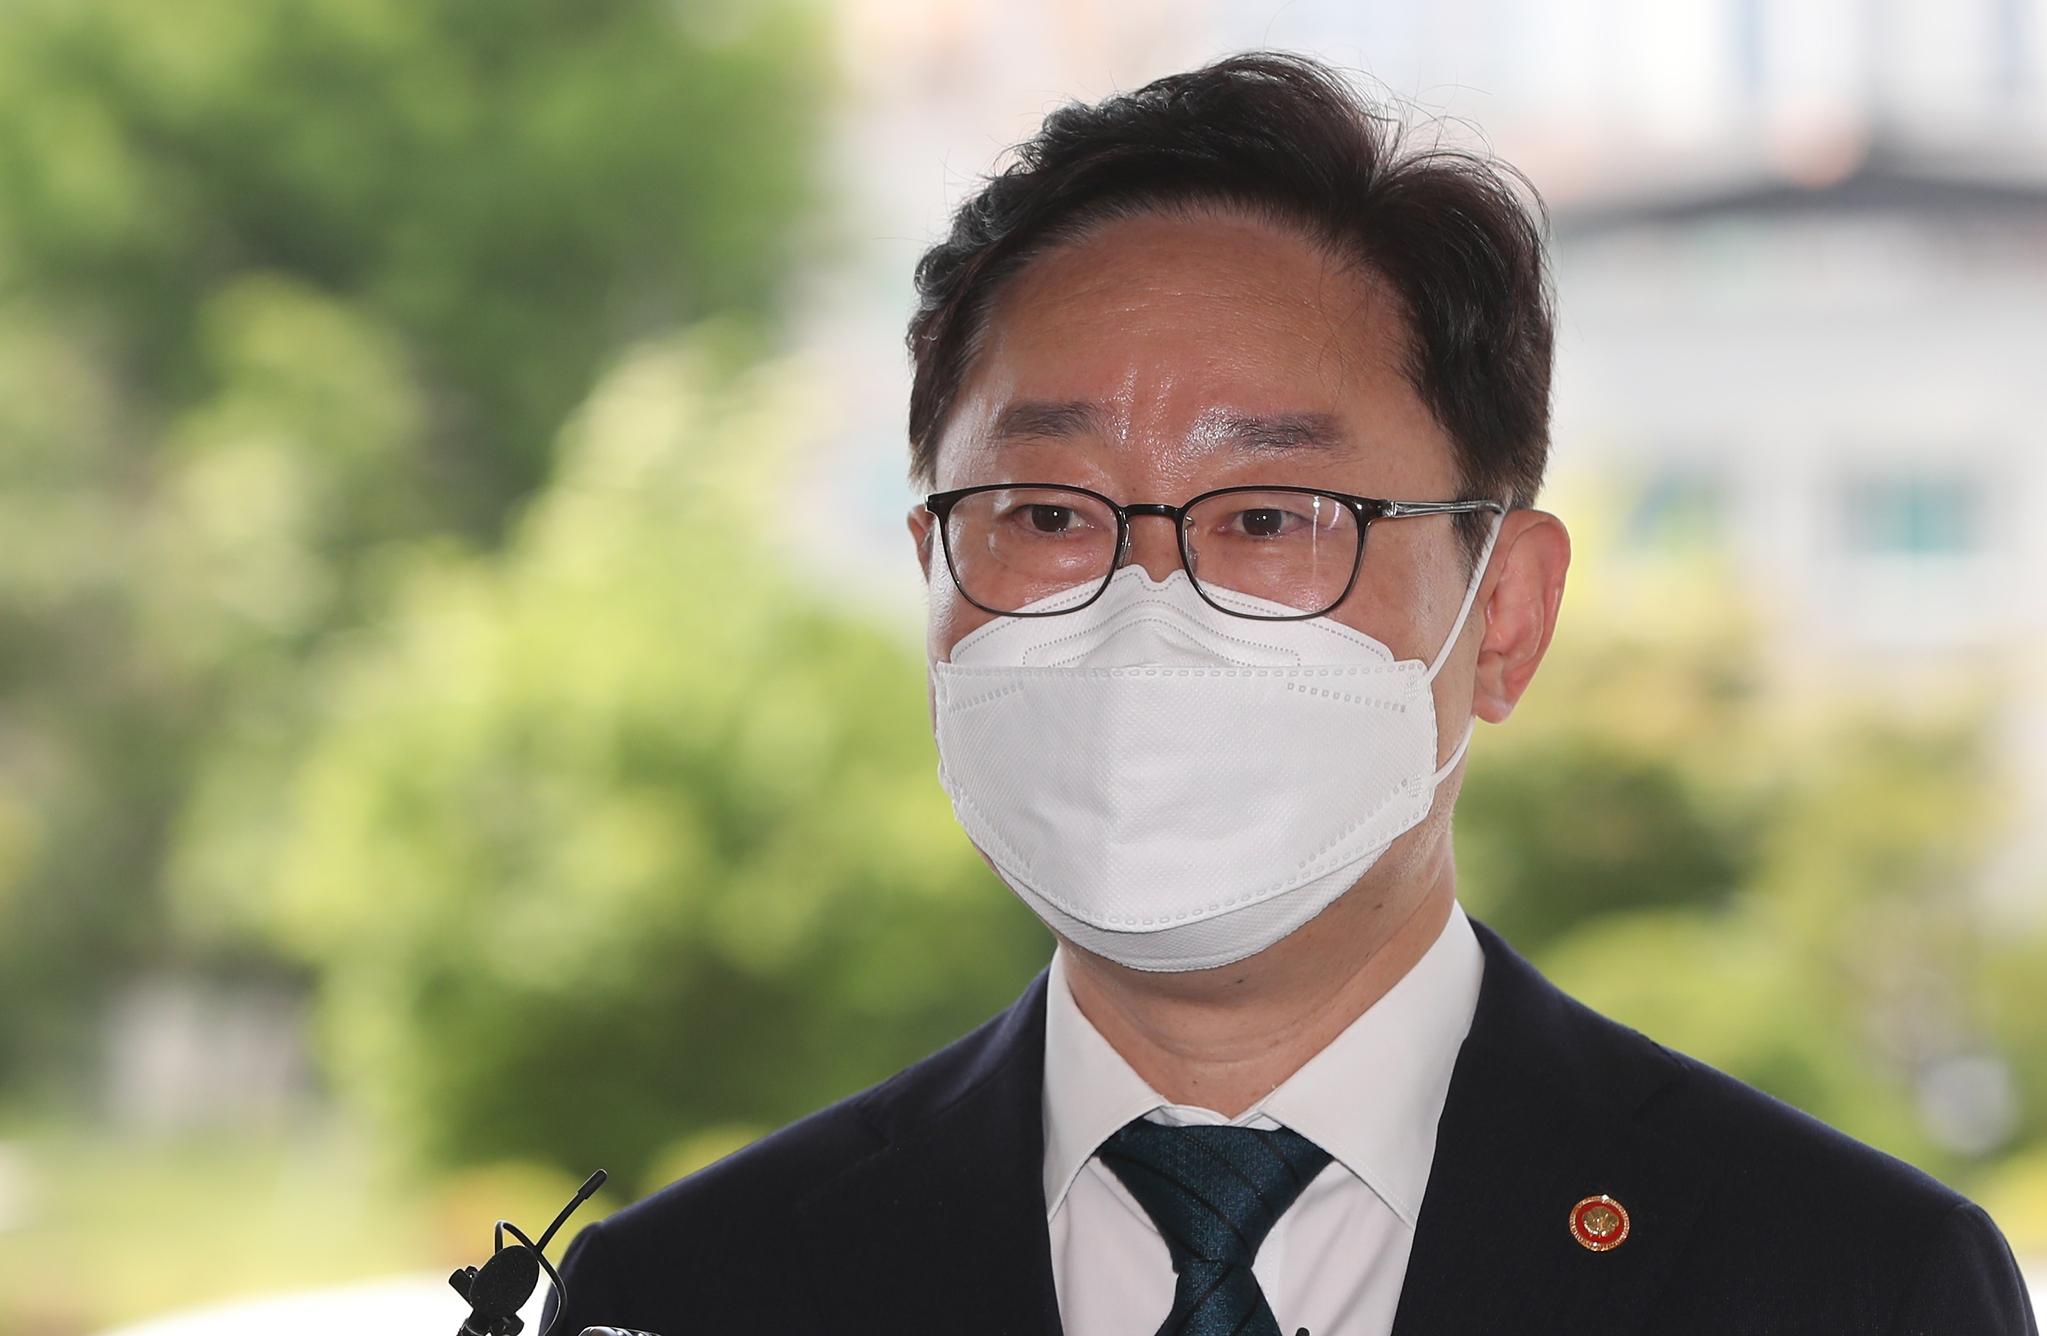 박범계 법무부 장관이 13일 강원 춘천지방검찰청을 방문, 취재진 질문에 답하고 있다. 연합뉴스